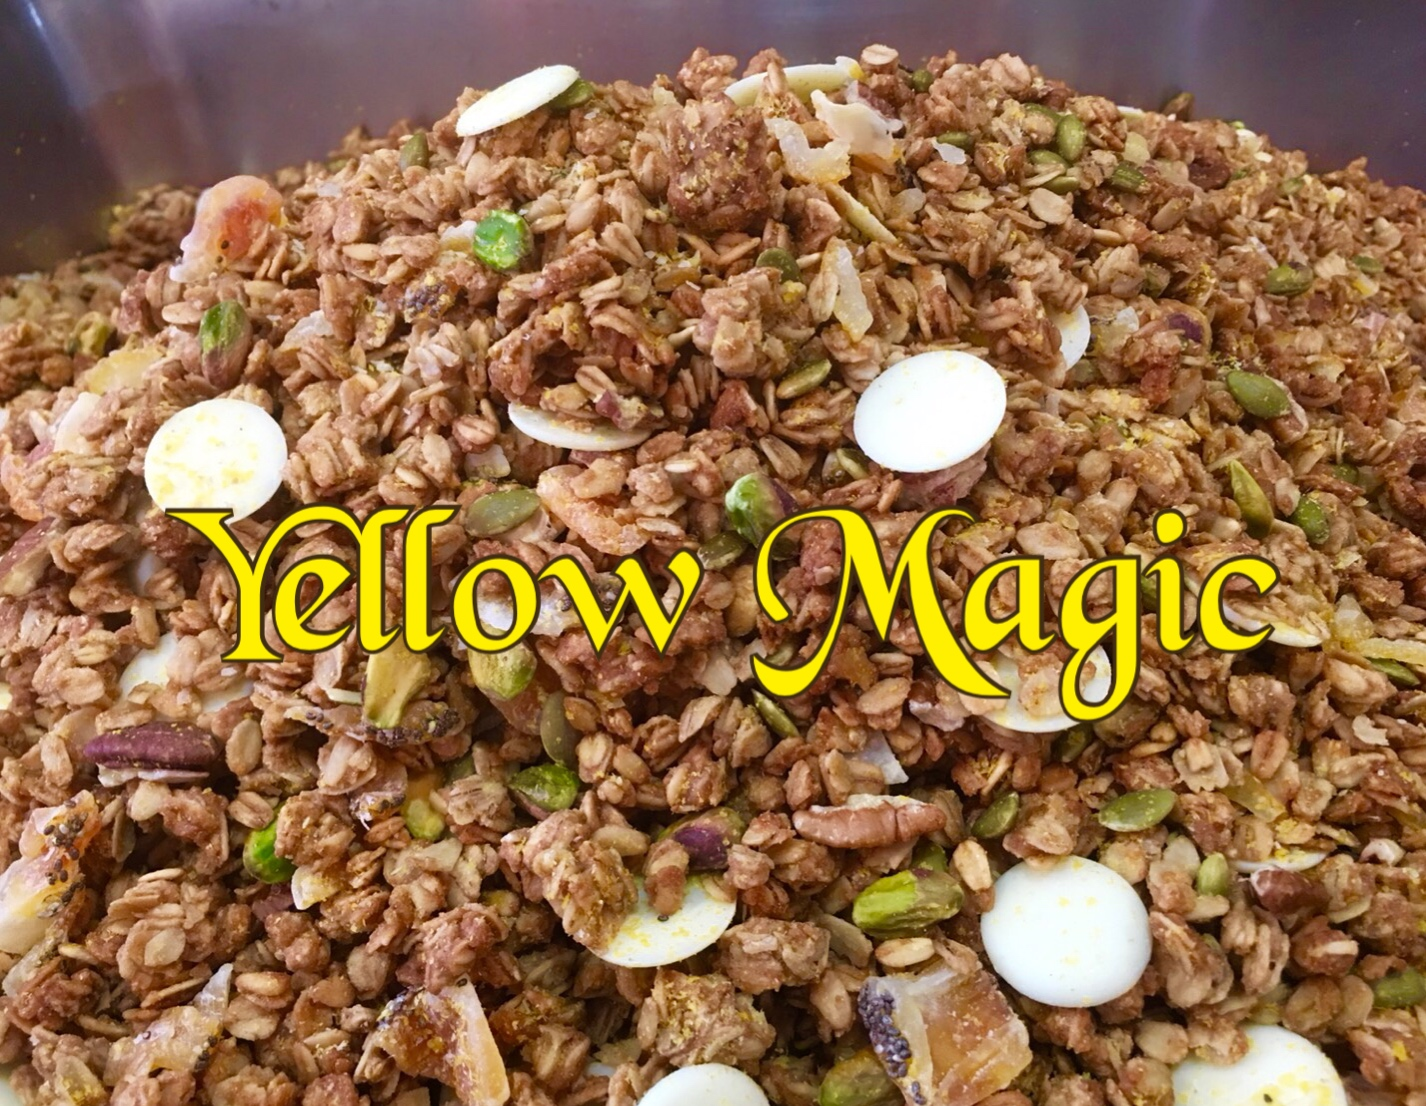 イエローマジック グラノーラ *Yellow Magic Granola 270g